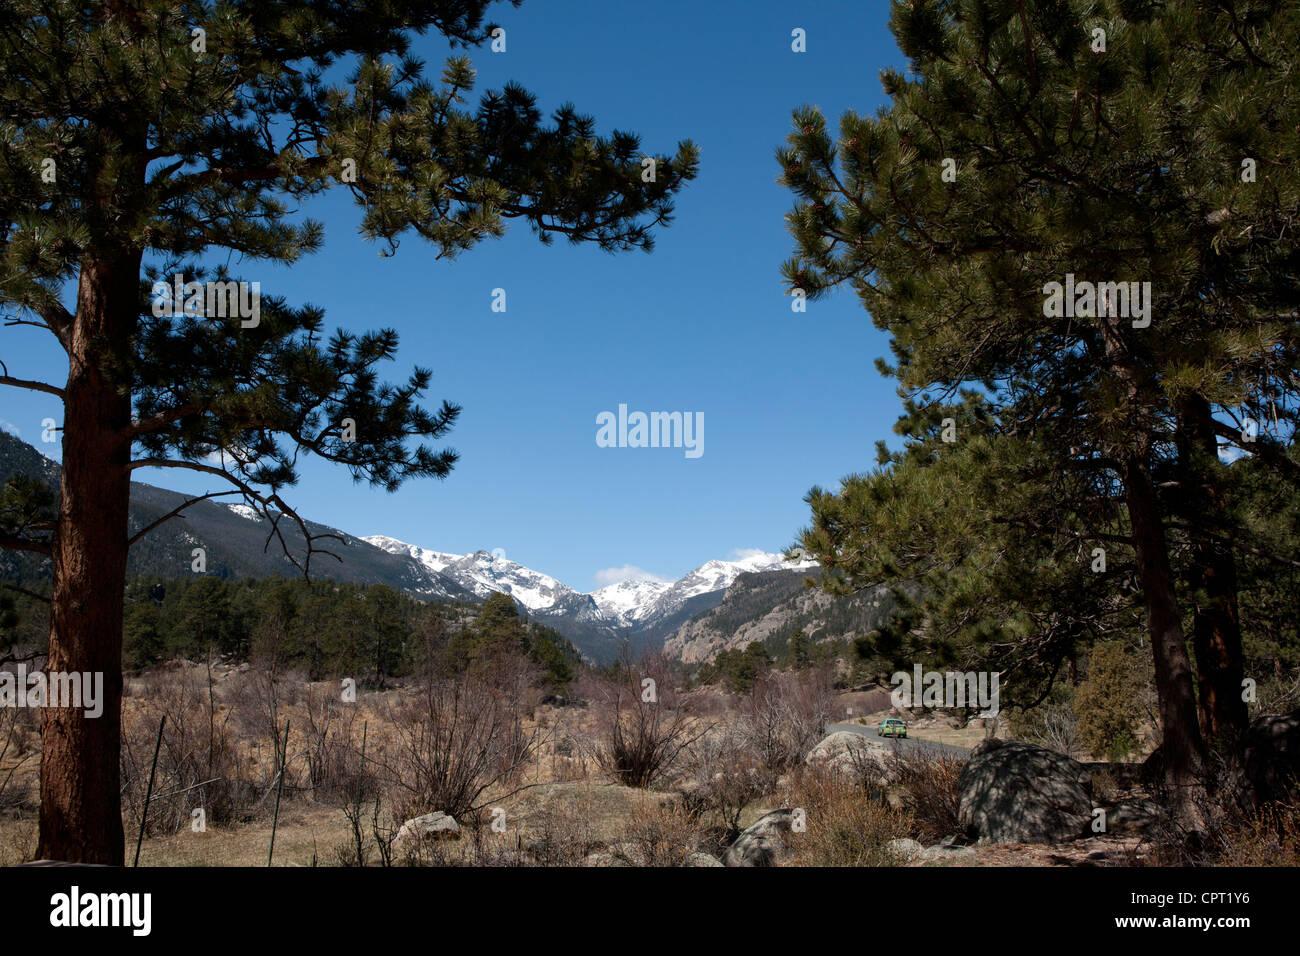 Rocky Mountain National Park Vista  - Estes Park, Colorado USA - Stock Image